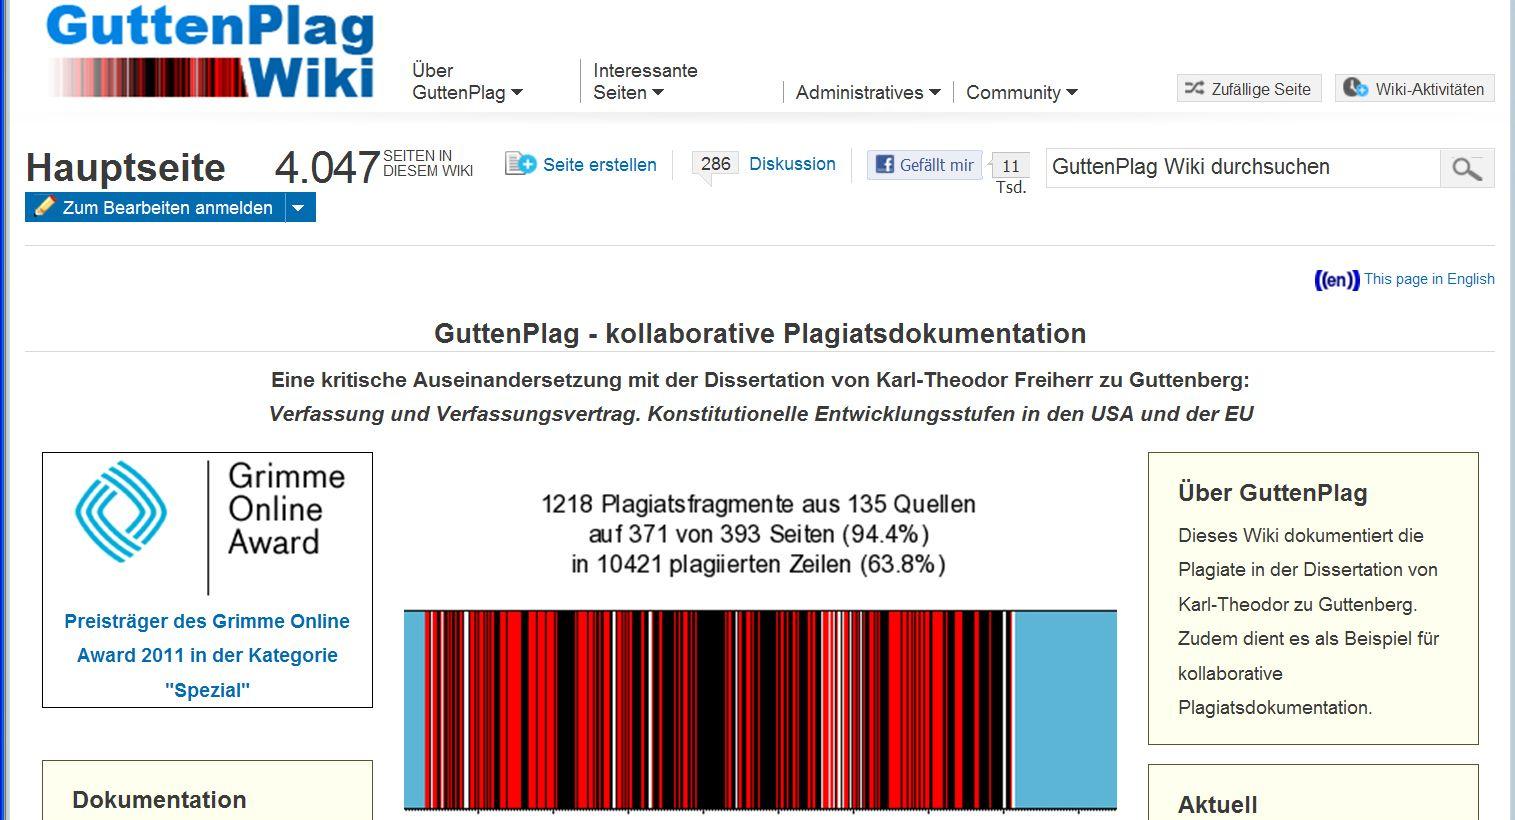 NICHT VERWENDEN Grimme Online Award 2011 / GutenPlagWiki